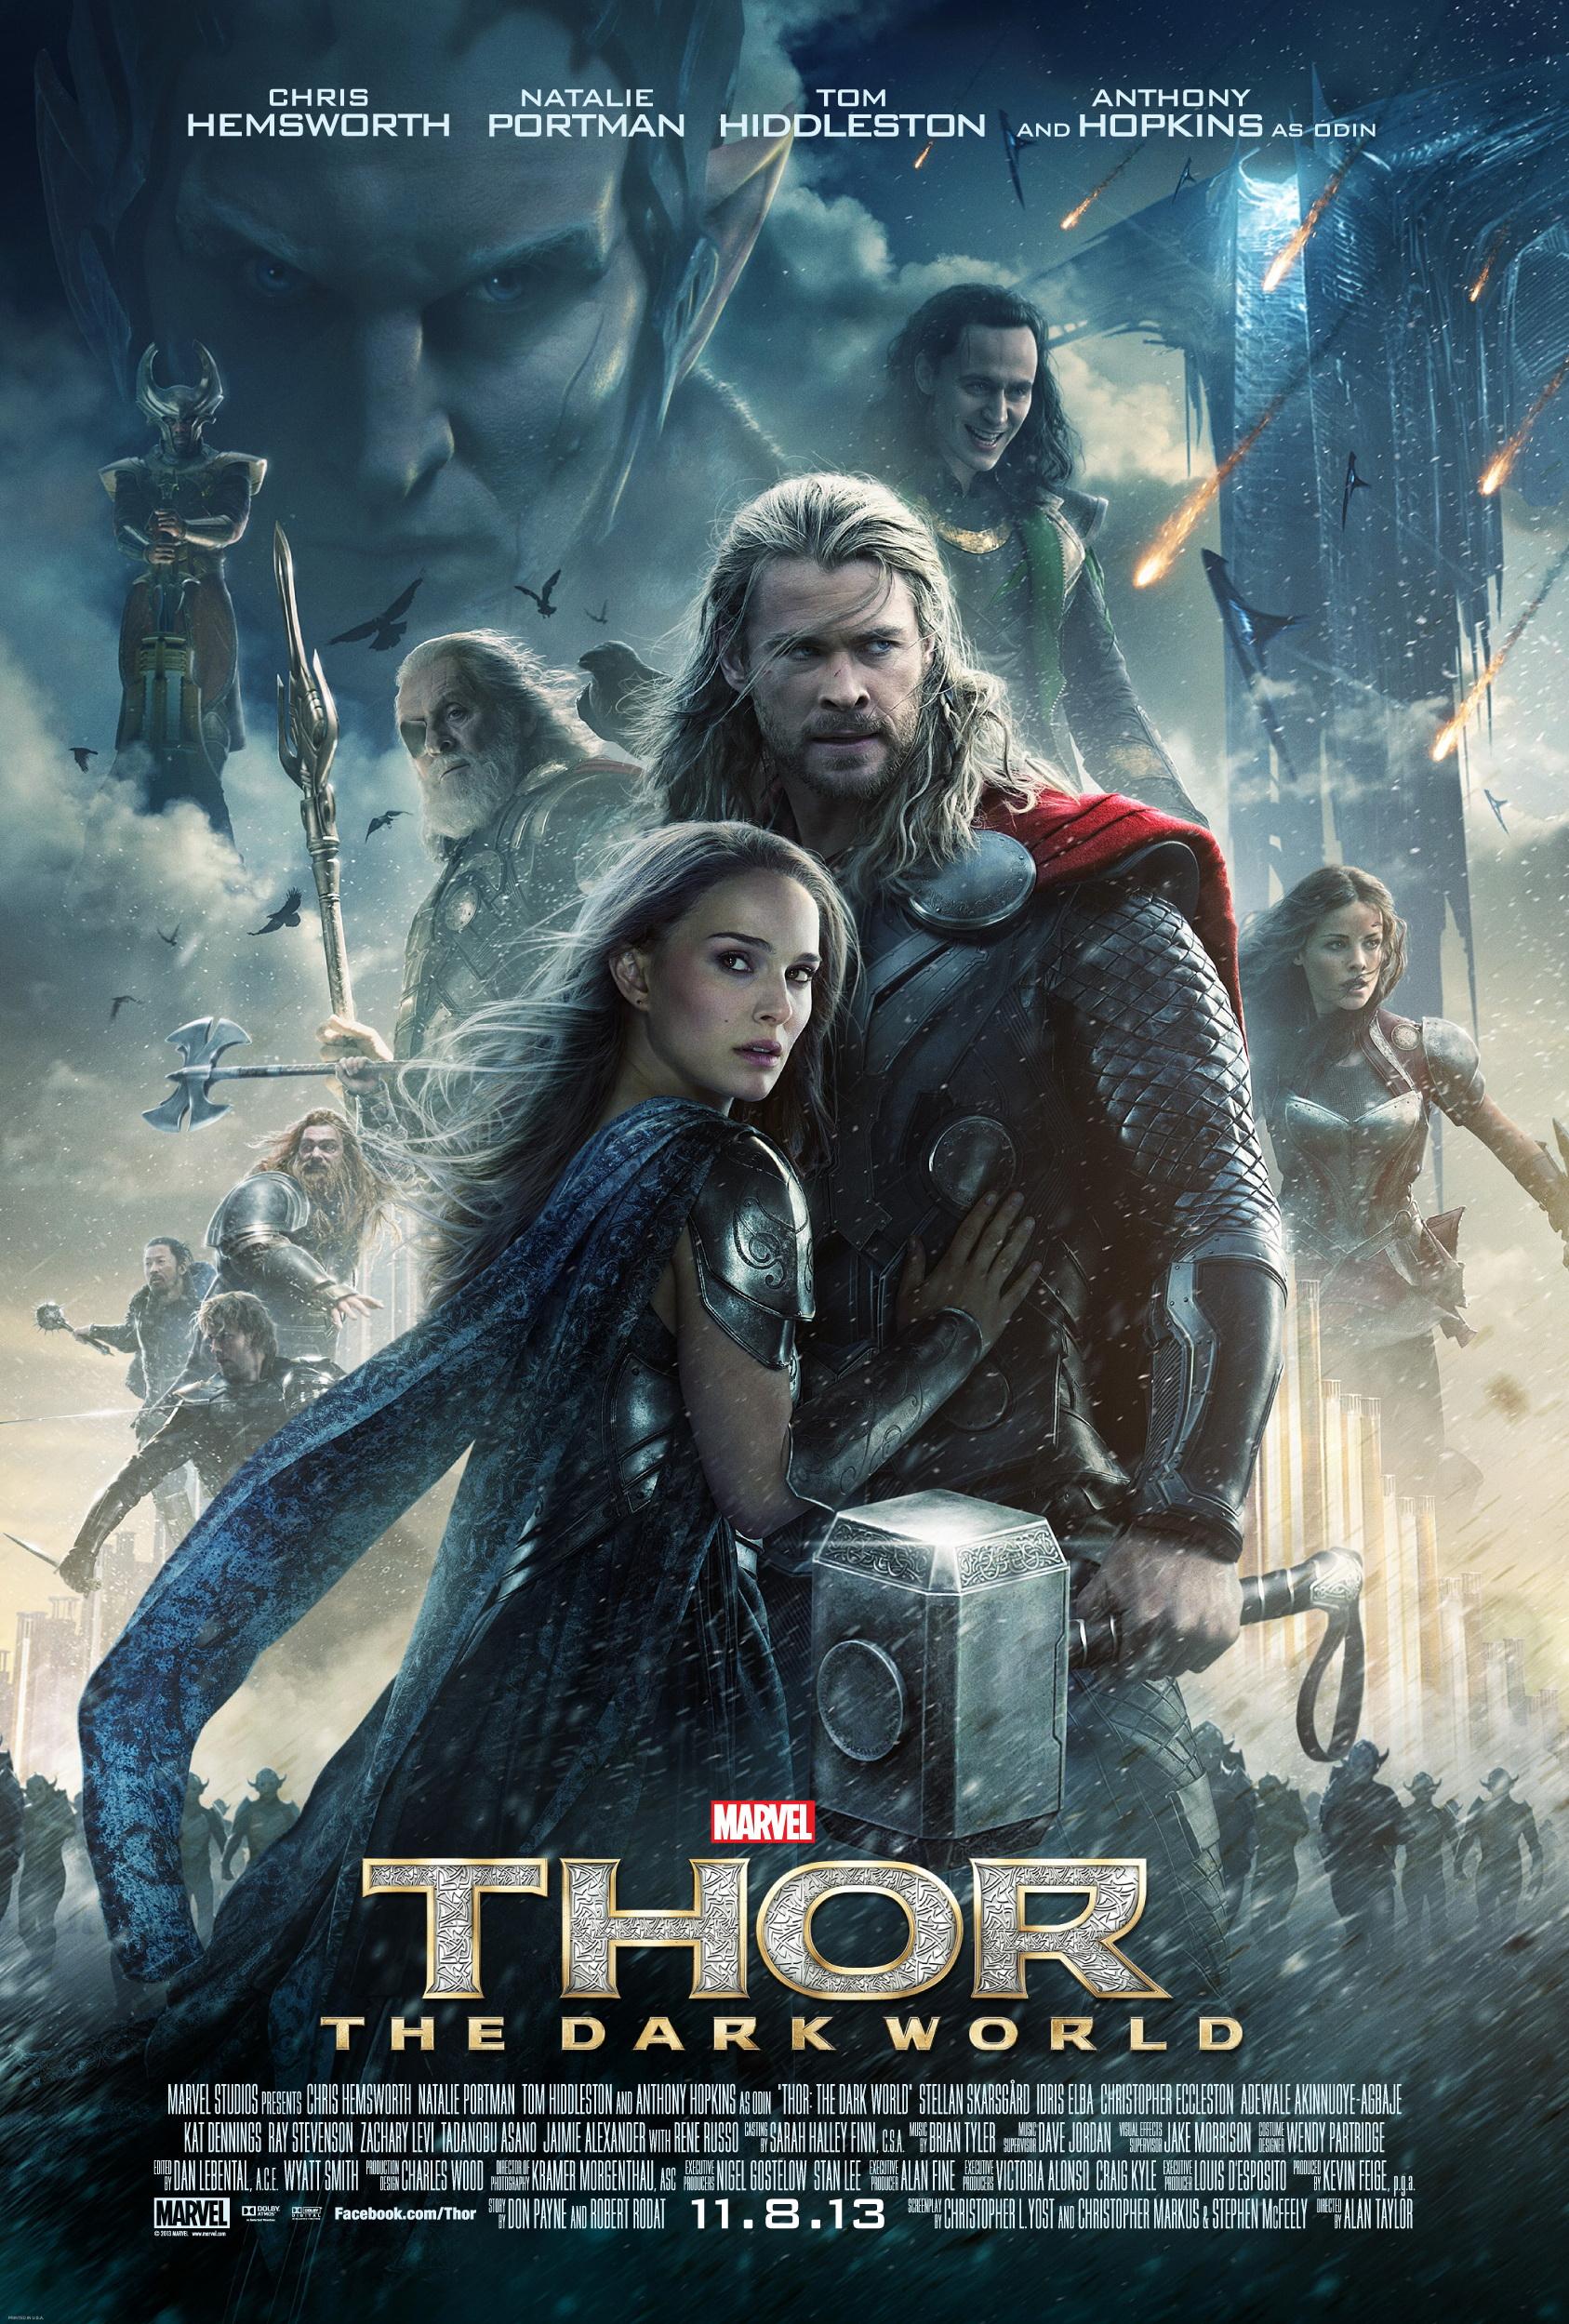 thor-the-dark-world-poster-full